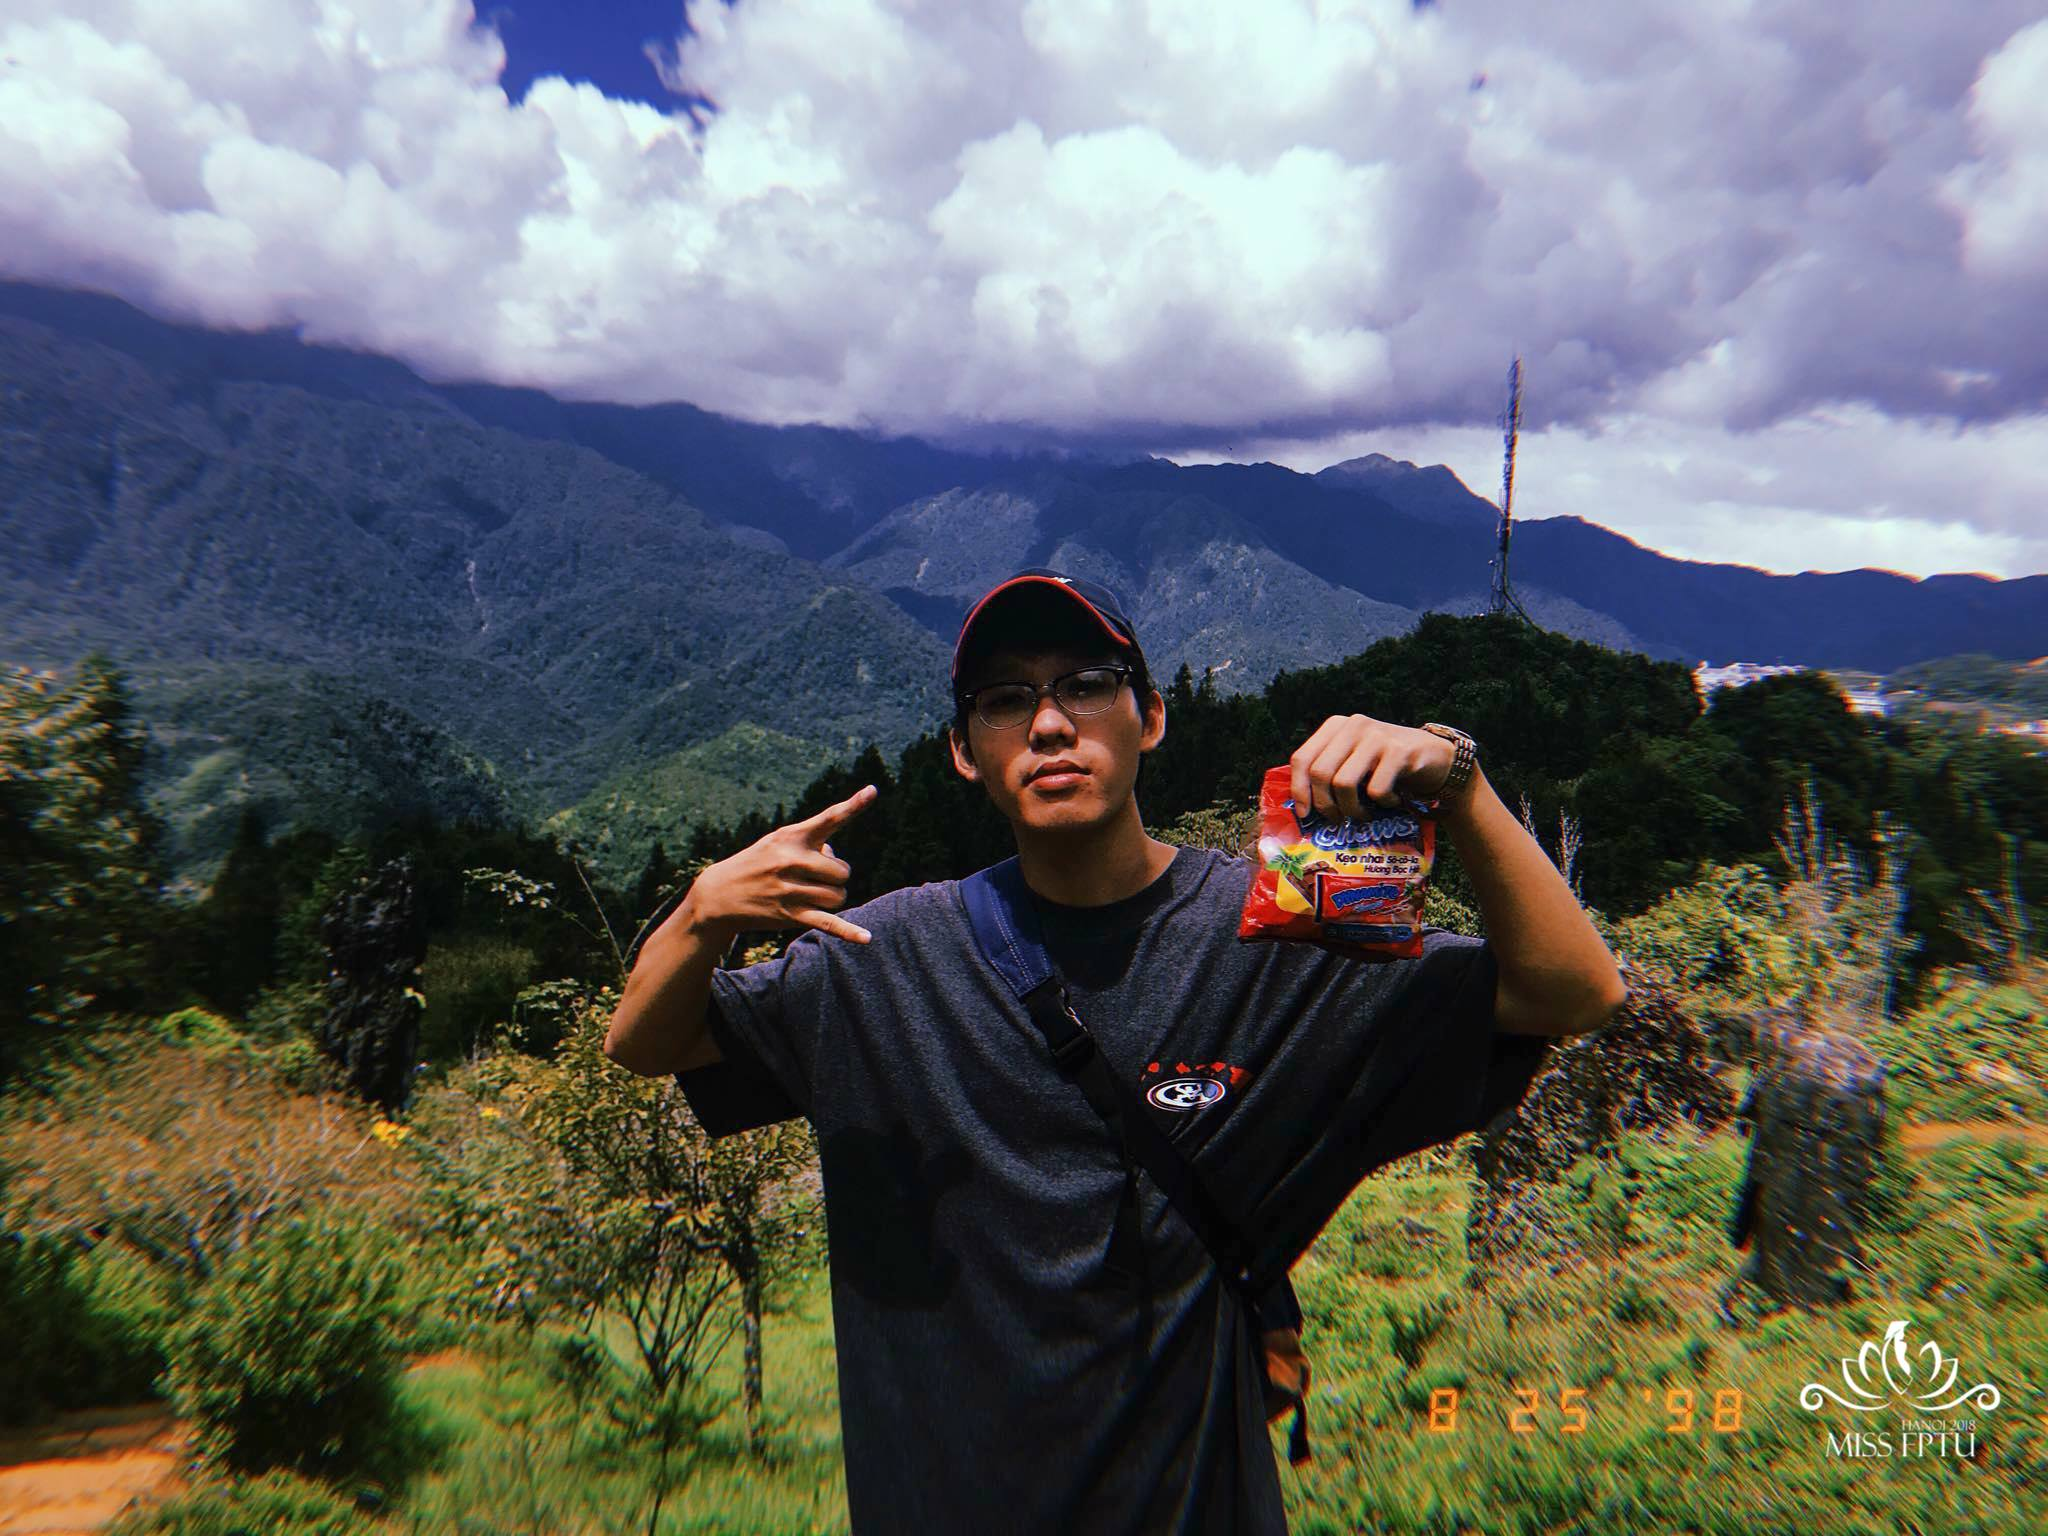 """Nguyễn Nhật Nam (1997); Chiều cao: 1m68 Sở trường: Nhảy và vẽ Graffiti """"Mình đến với chương trình vì muốn được trải nghiệm những điều mới mẻ""""."""